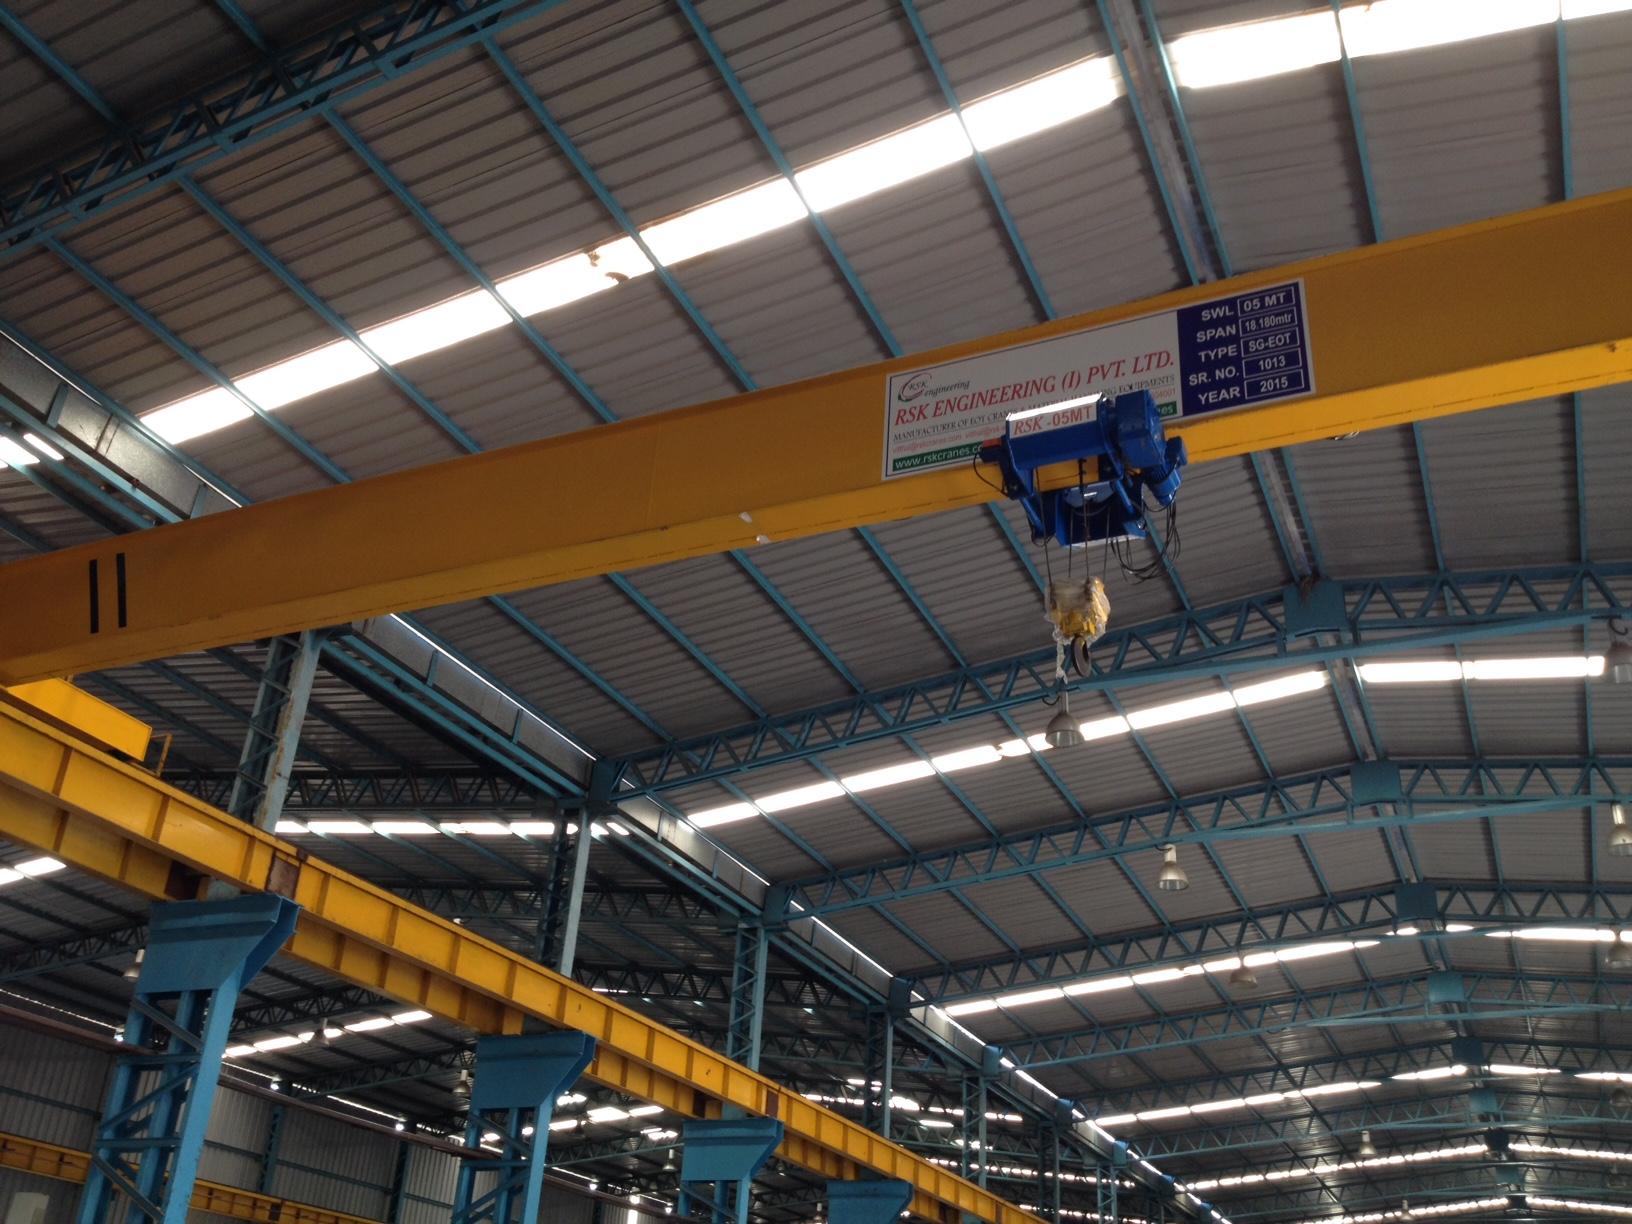 RSK Engineering Ind. Pvt. Ltd.